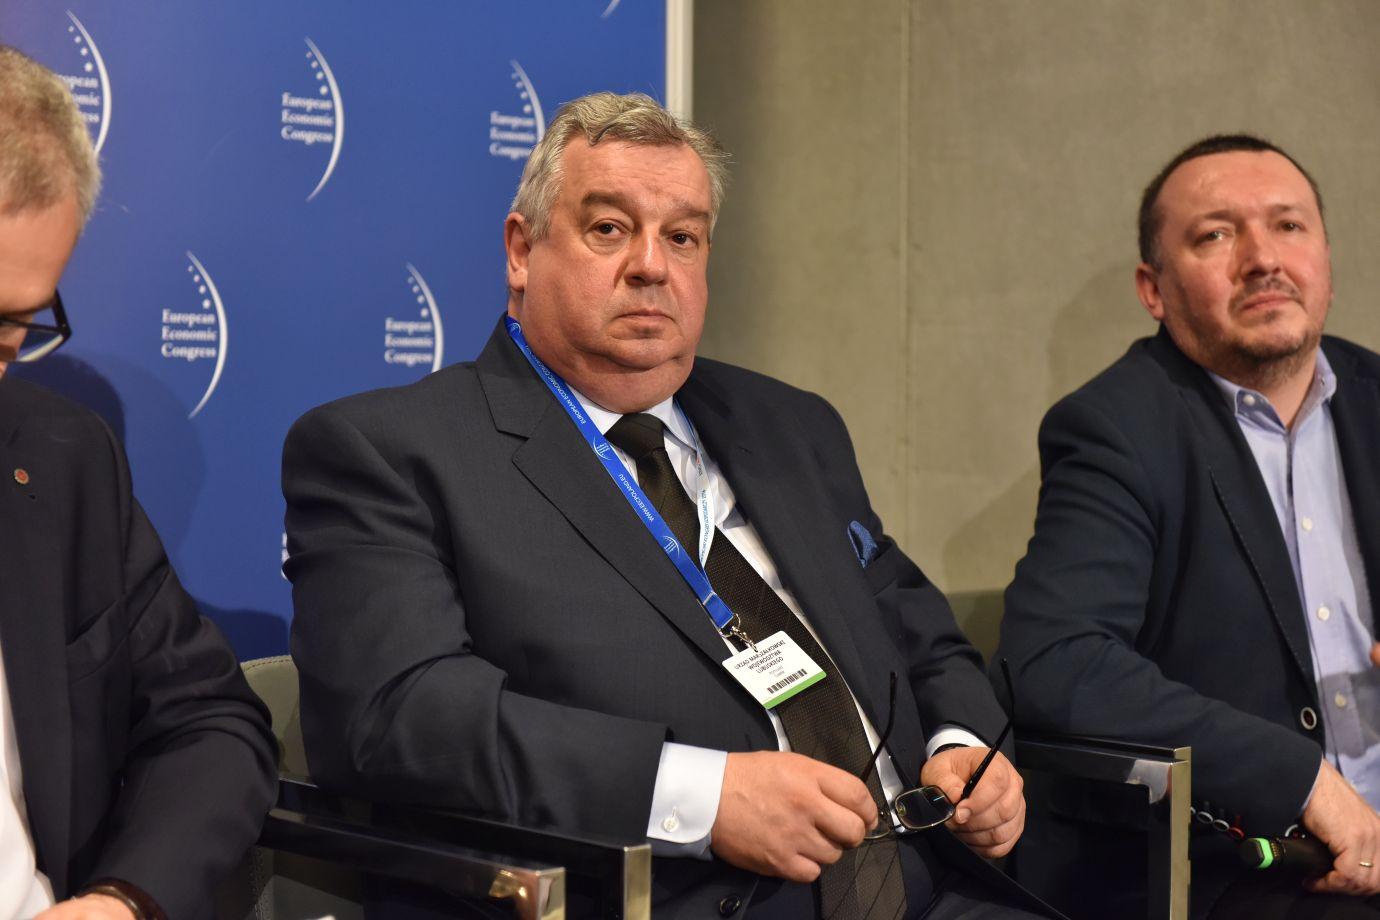 Romuald Gawlik, wicemarszałek Województwa Lubuskiego (Fot.: PTWP)